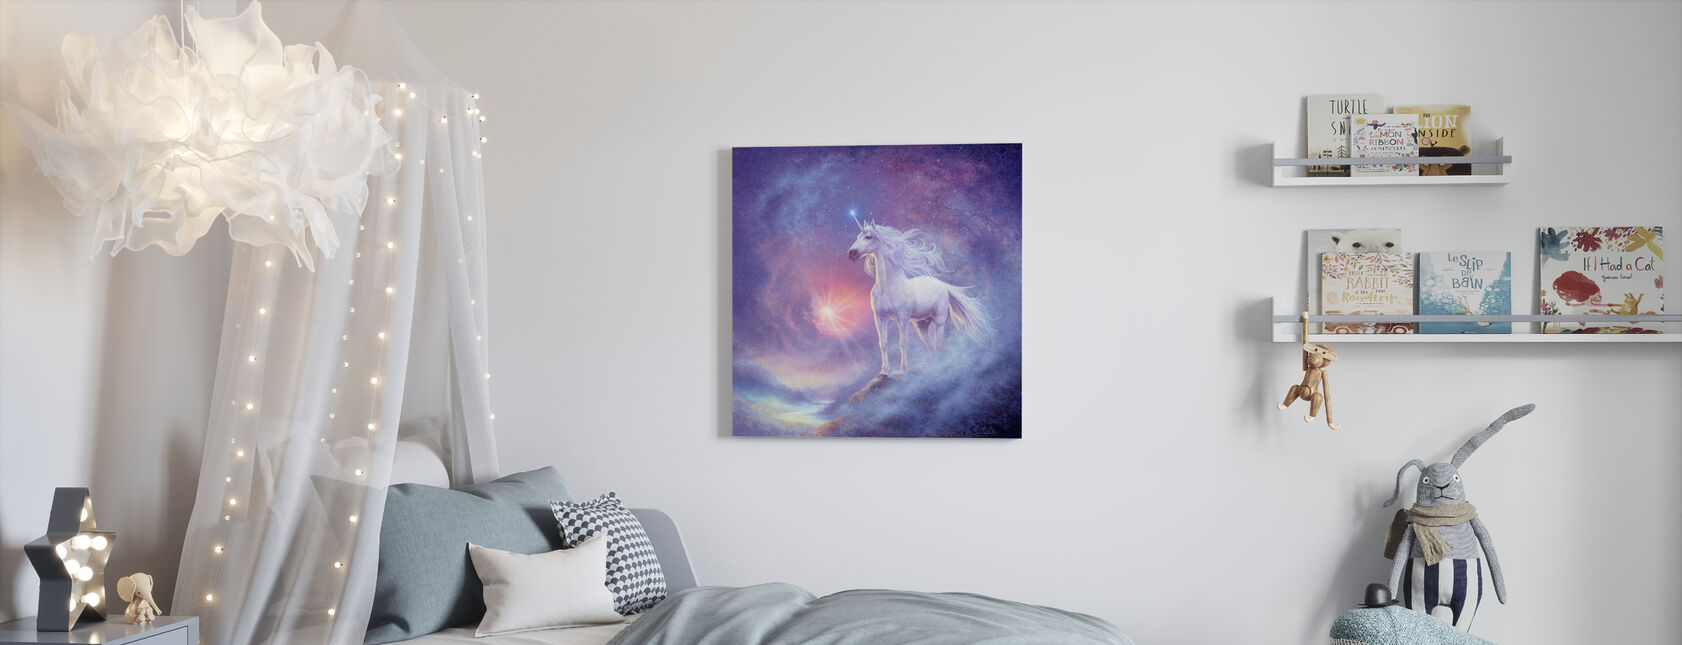 Astral Yksisarvinen - Canvastaulu - Lastenhuone